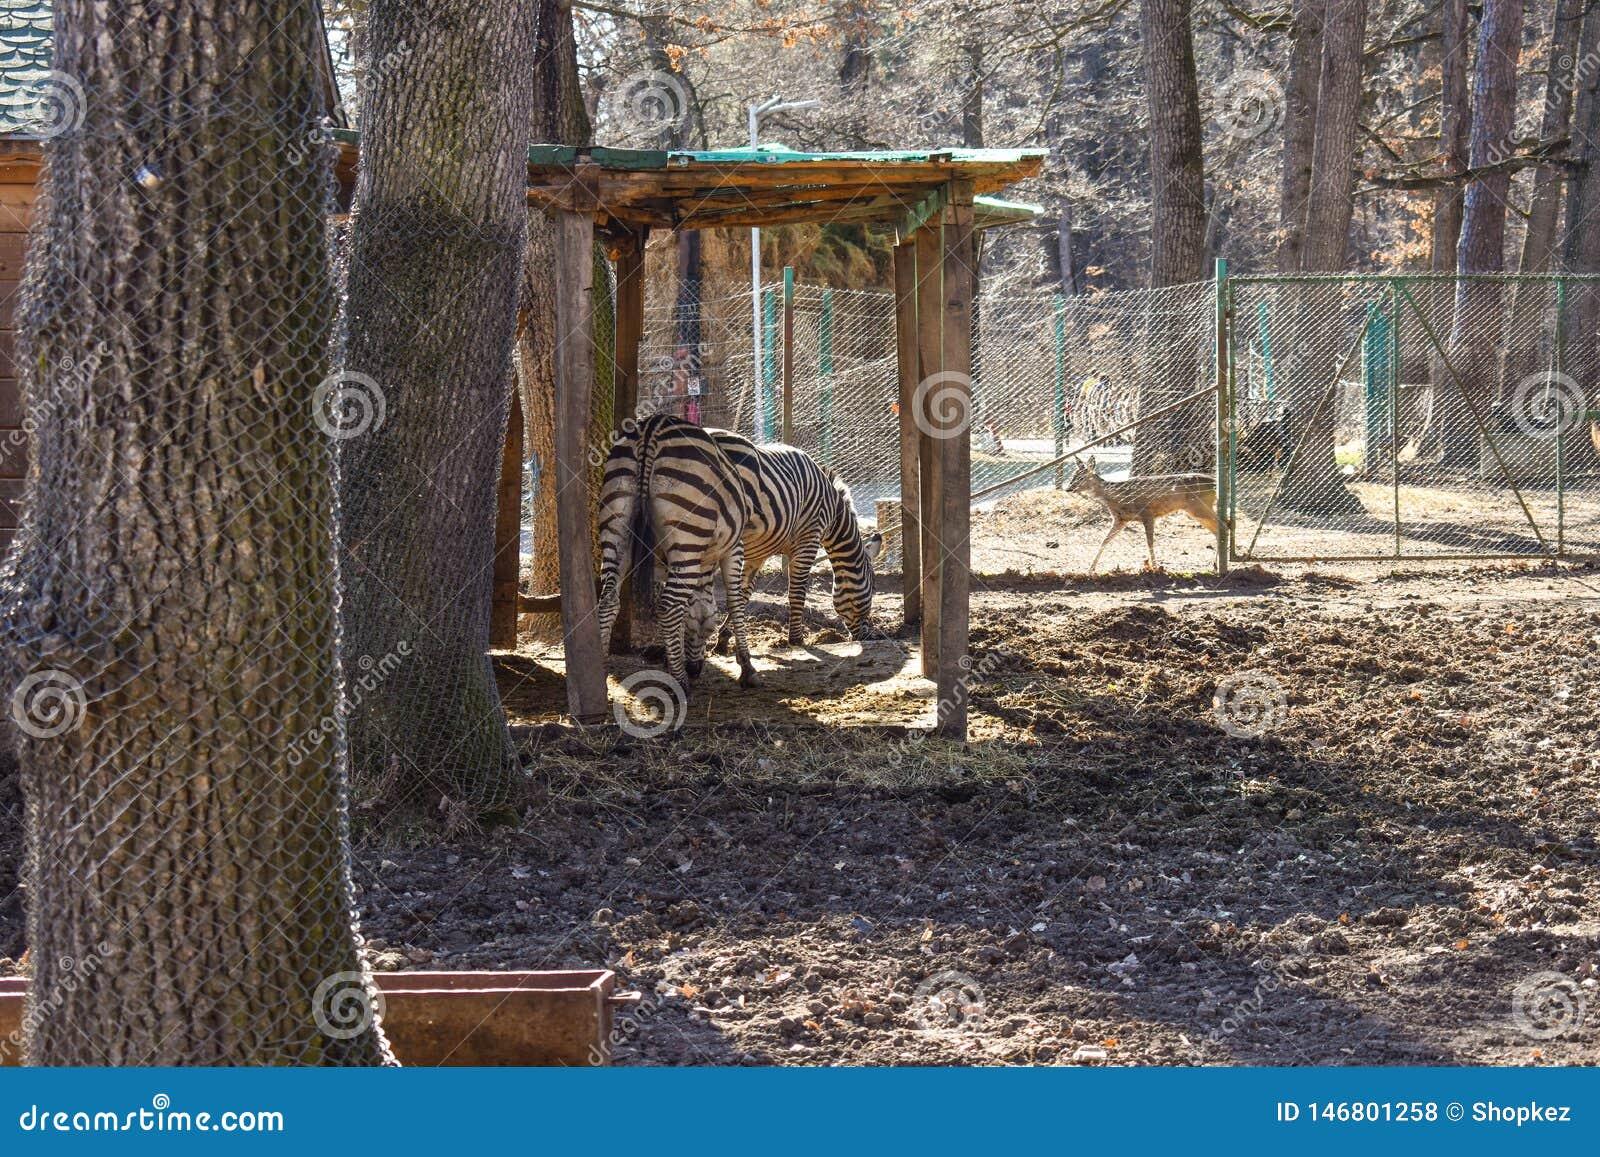 Herde von Zebras im ZOO